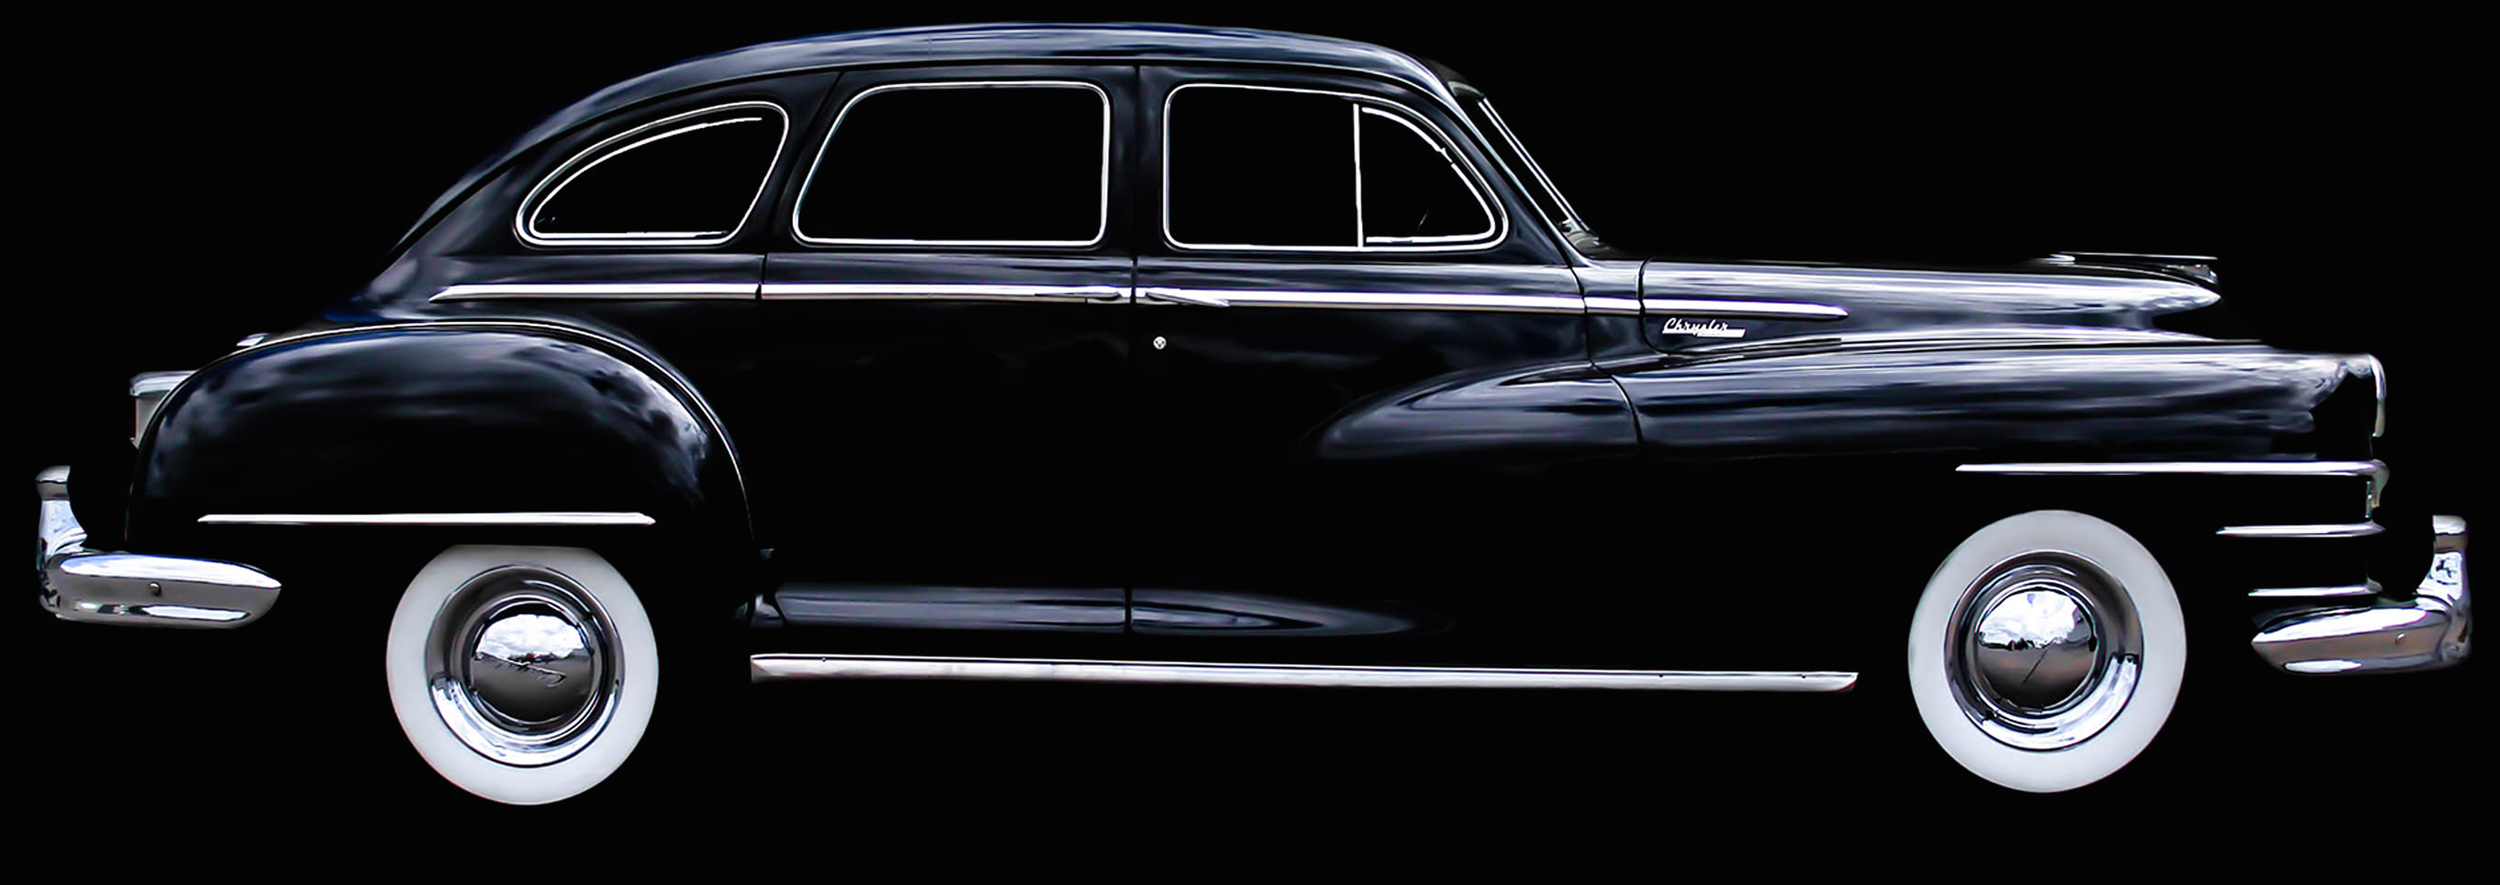 Voiture-ancienne-chrysler-windsor-1948